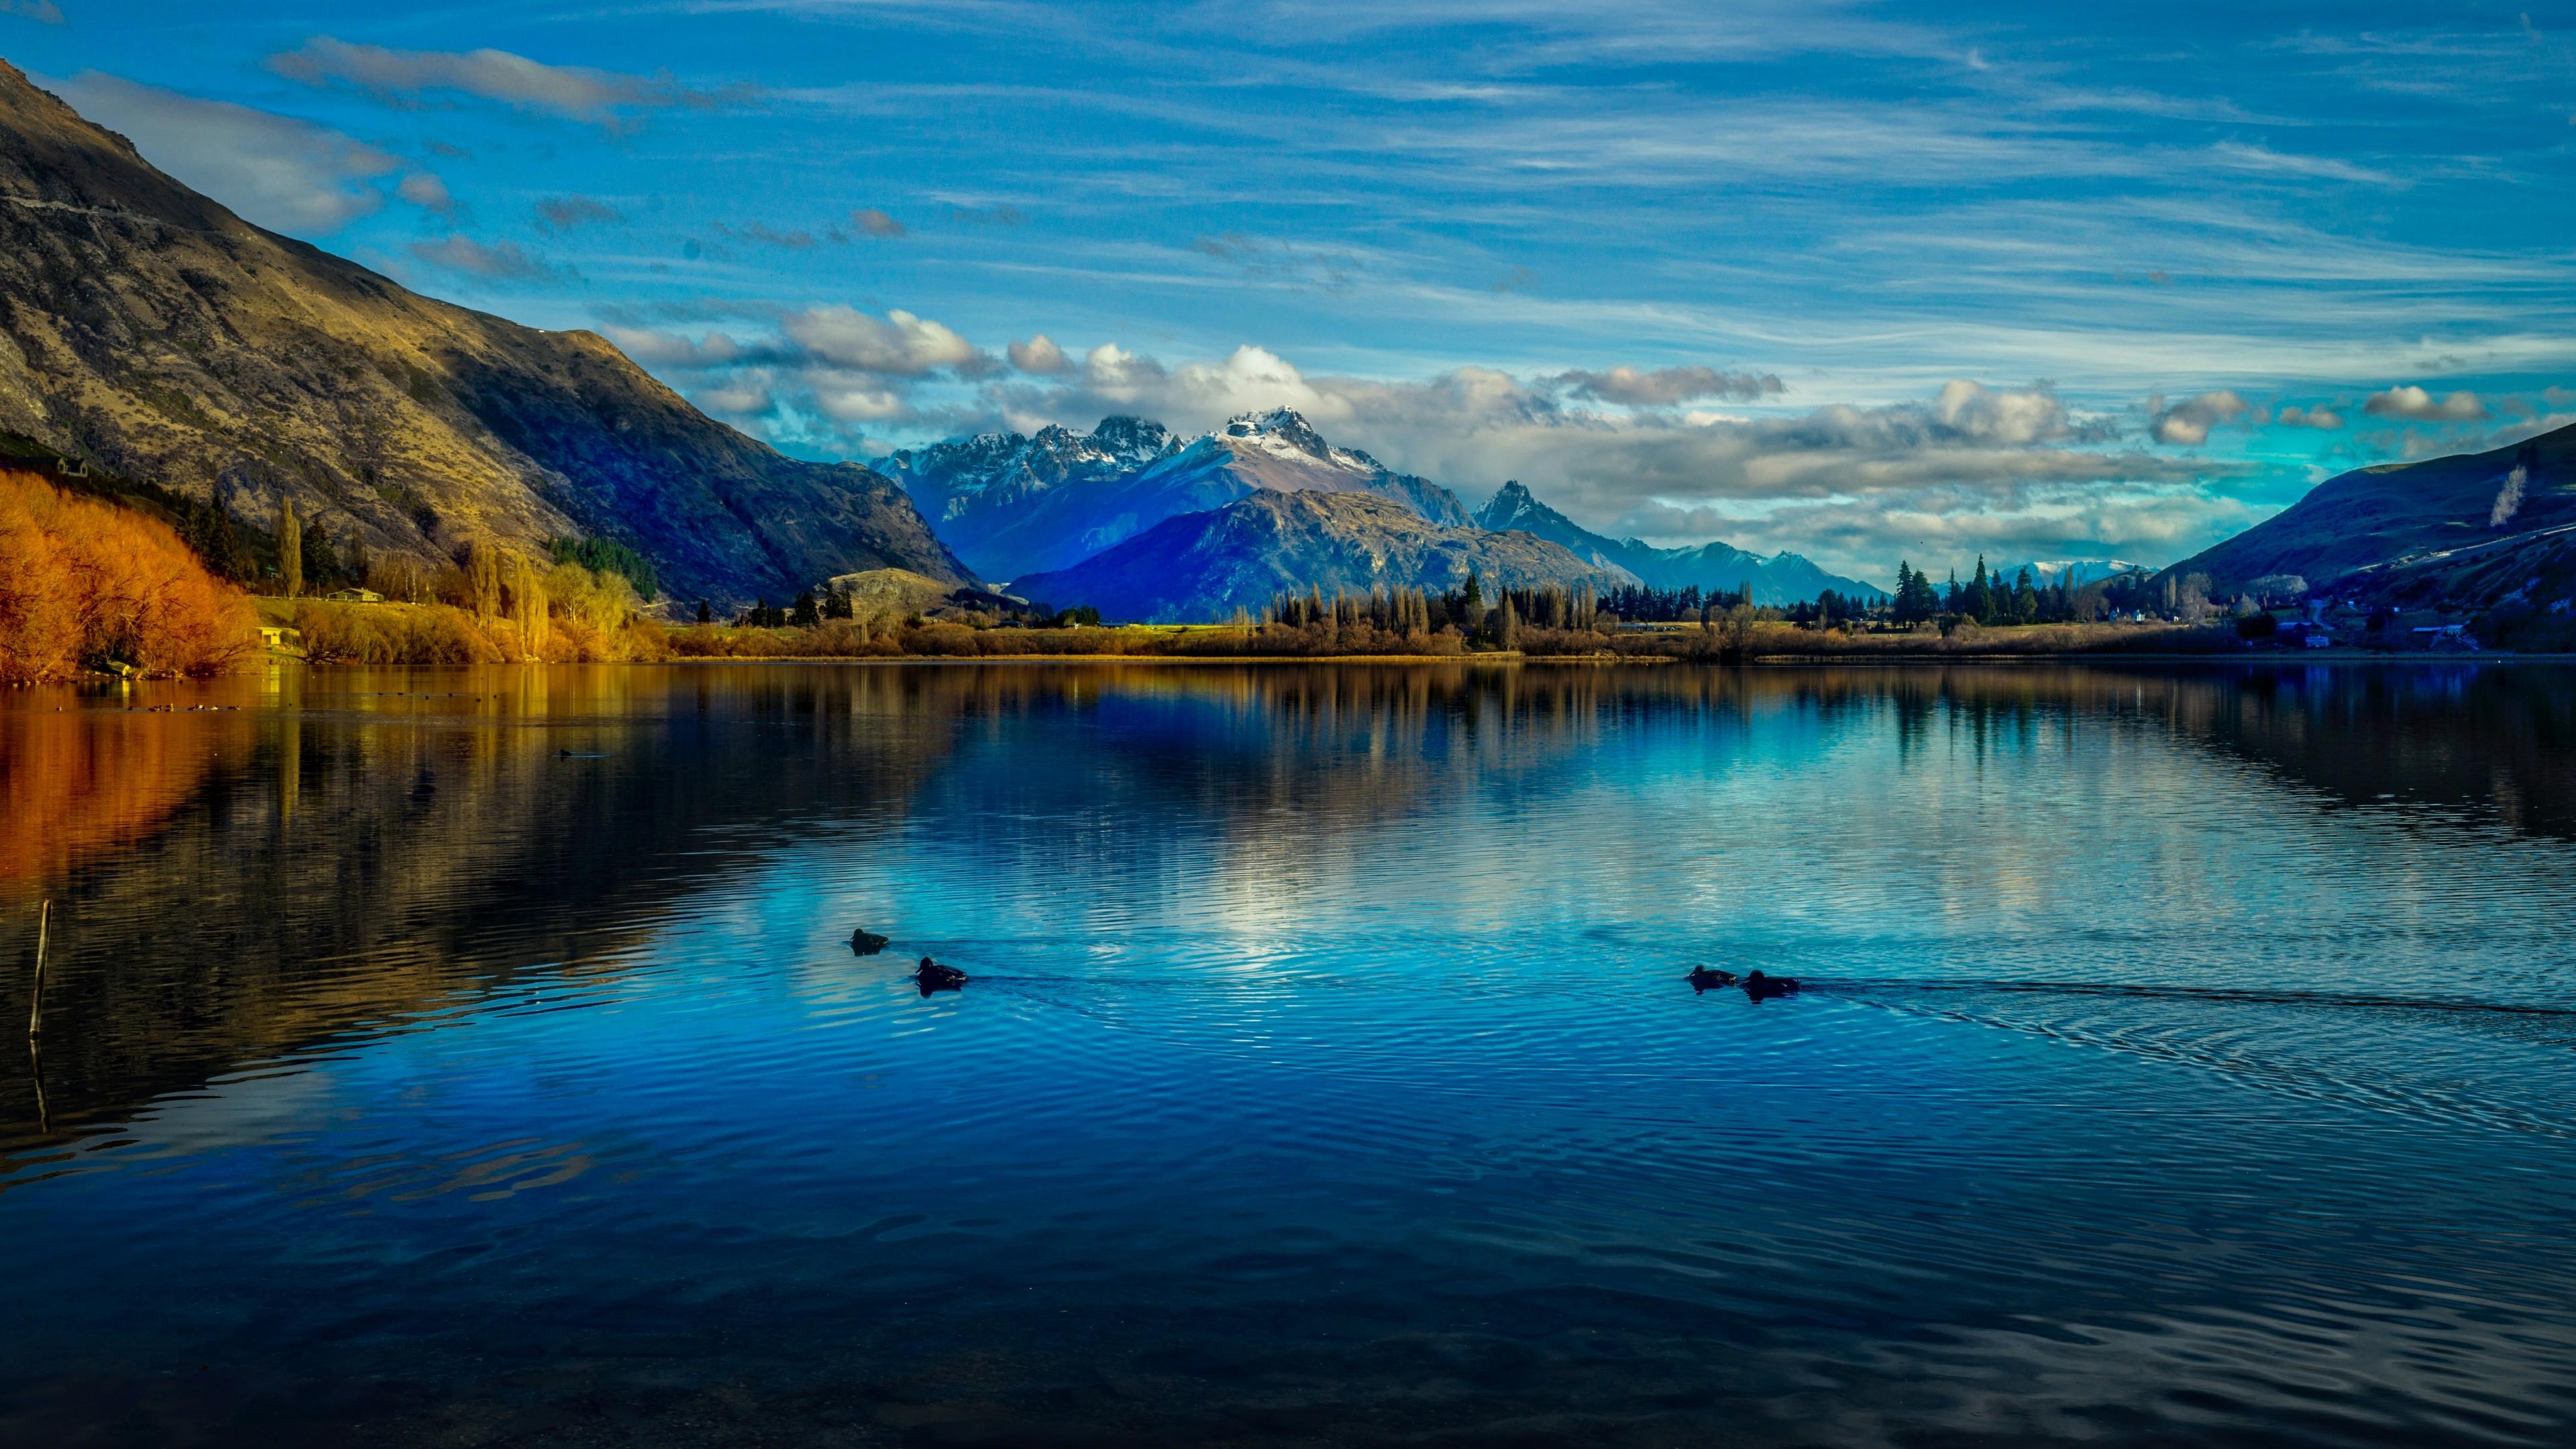 New Zealand Wallpaper - HD Wallpaper